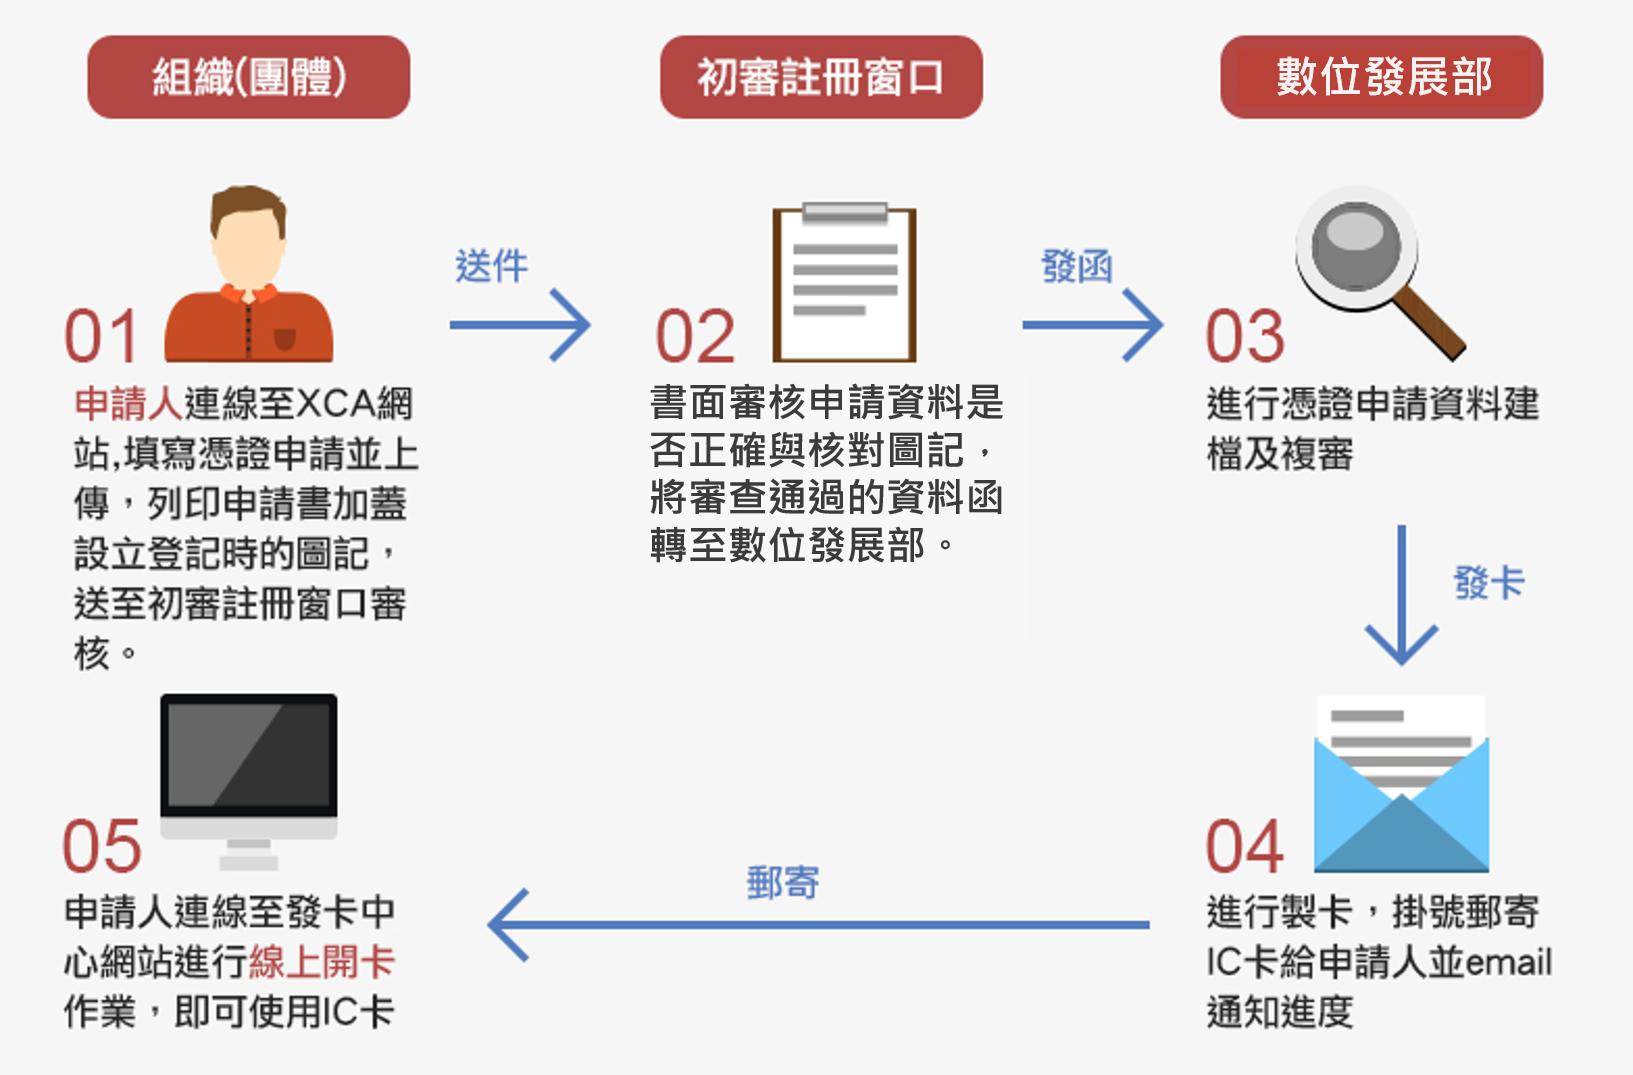 初審註冊窗口工作流程圖